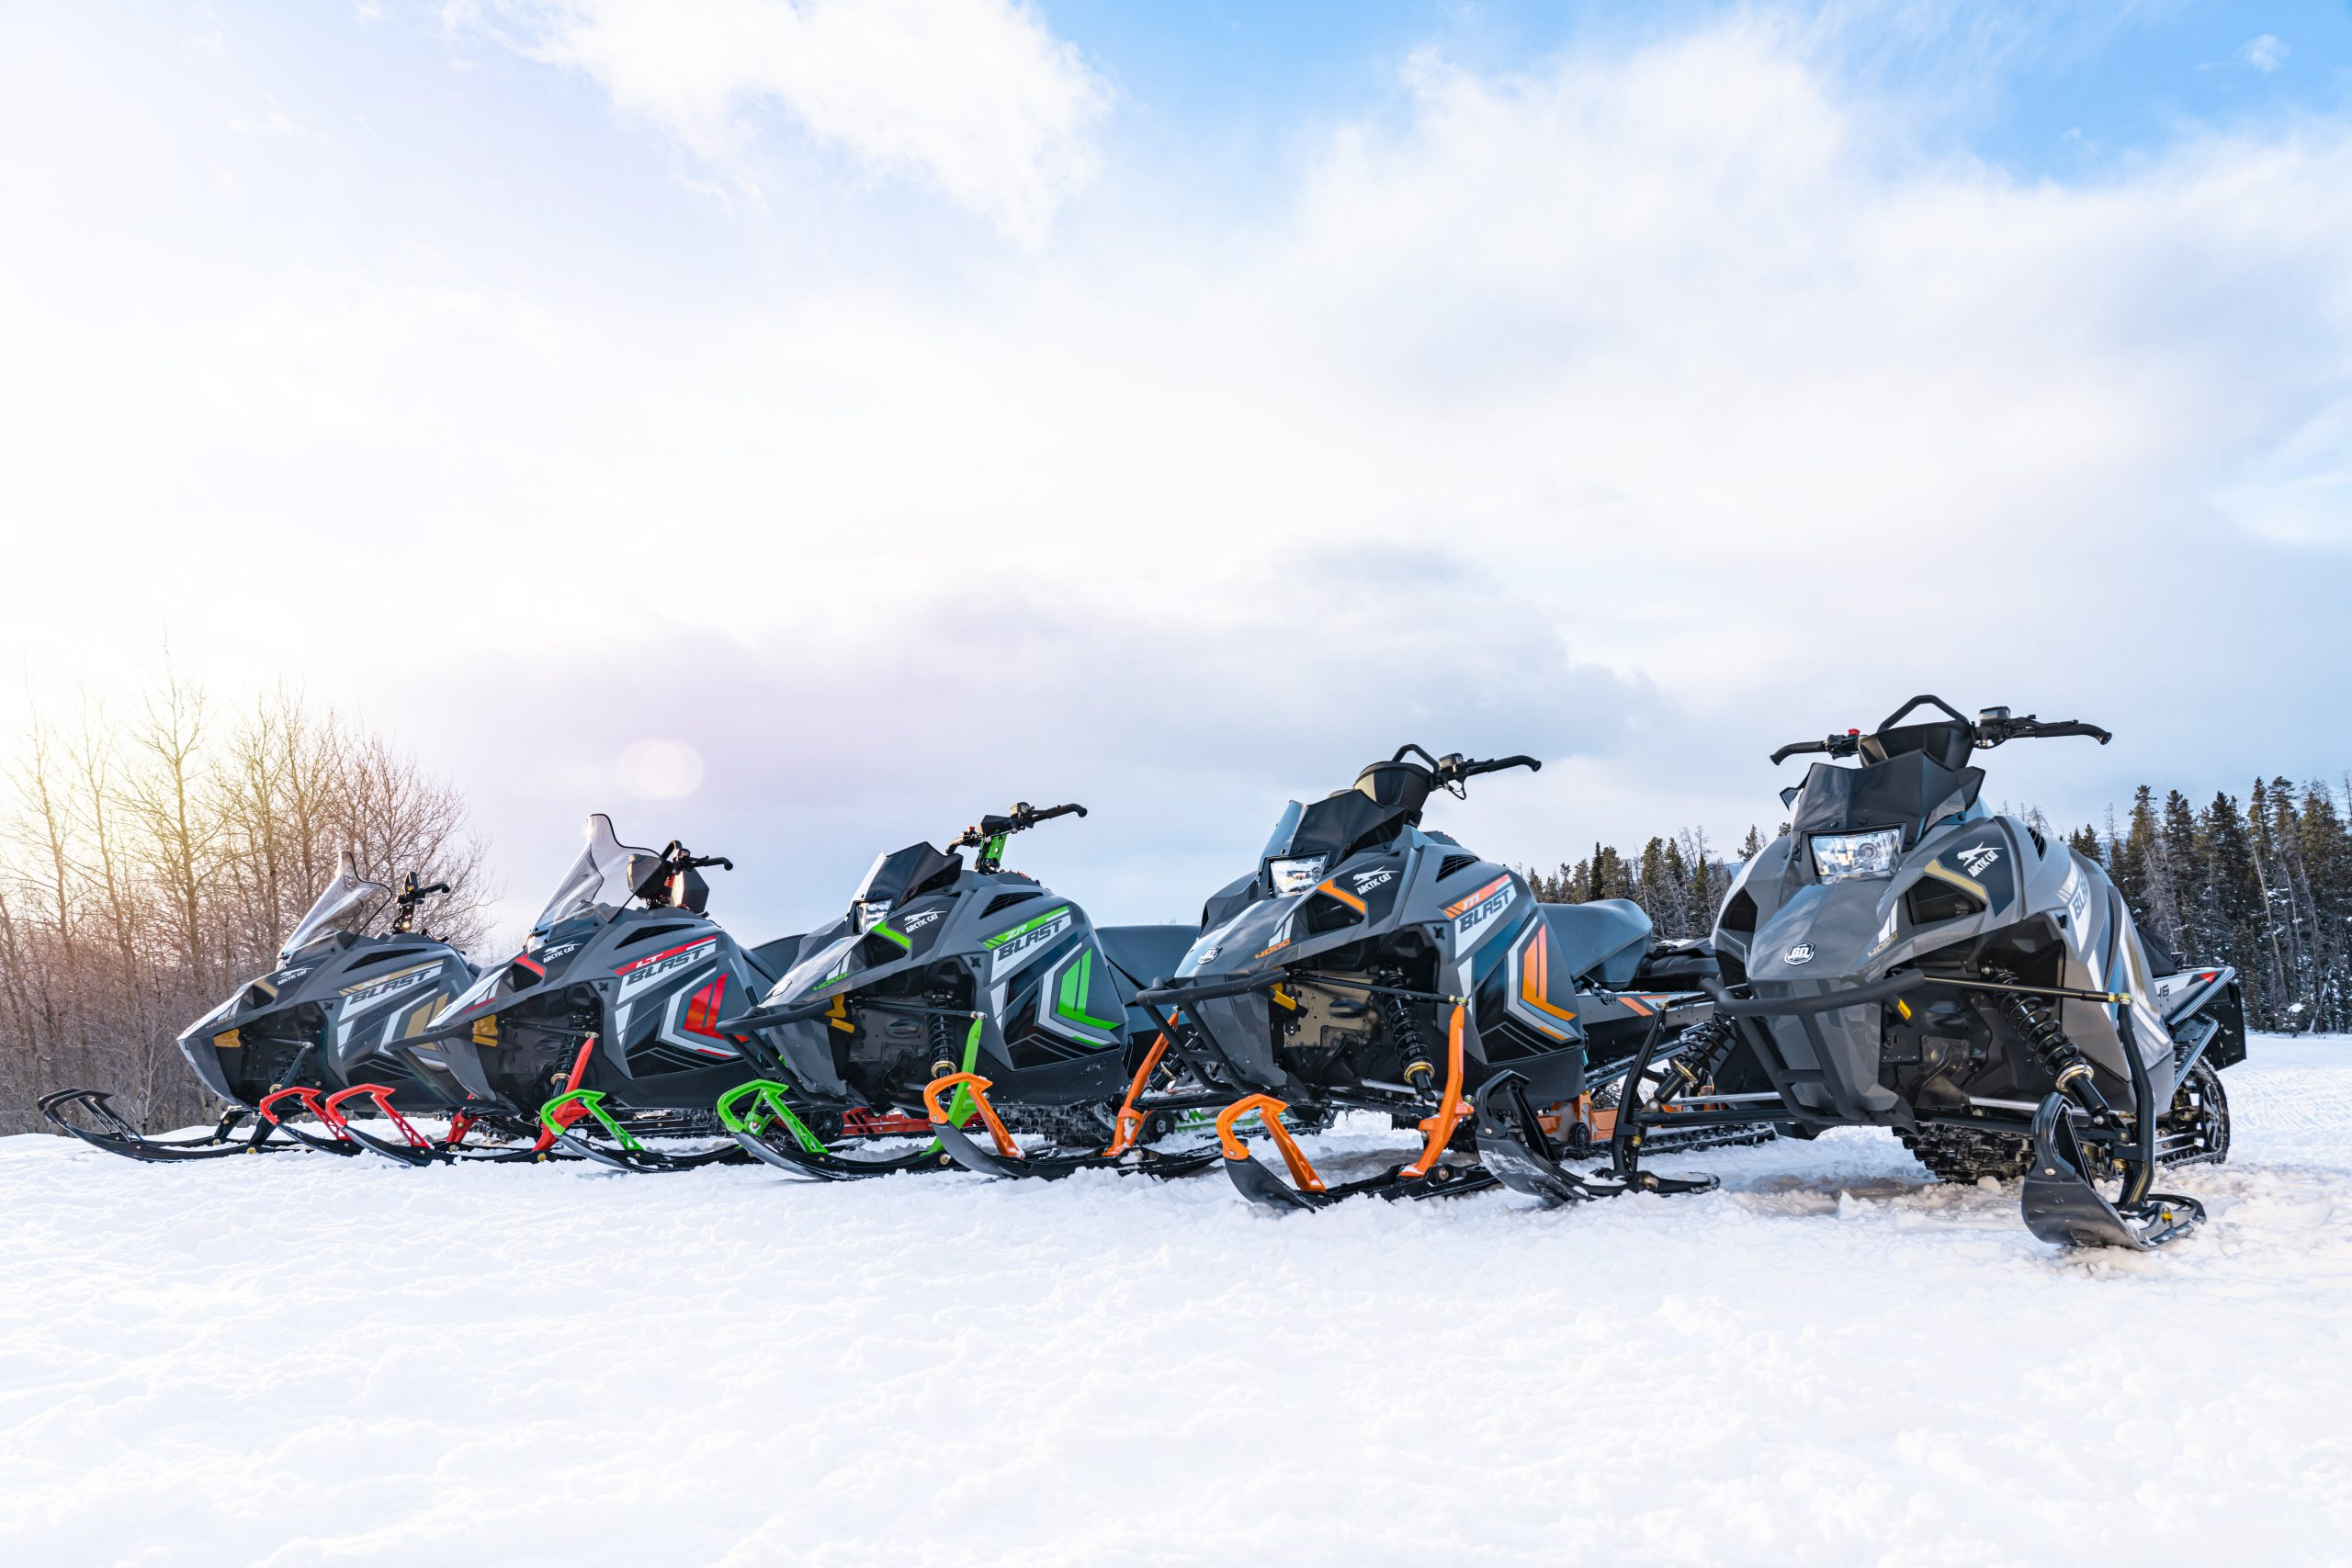 Motoneiges Arctic Cat 2022 Snowmagasson - Snowcheck - motos illimitees Terrebonne blast